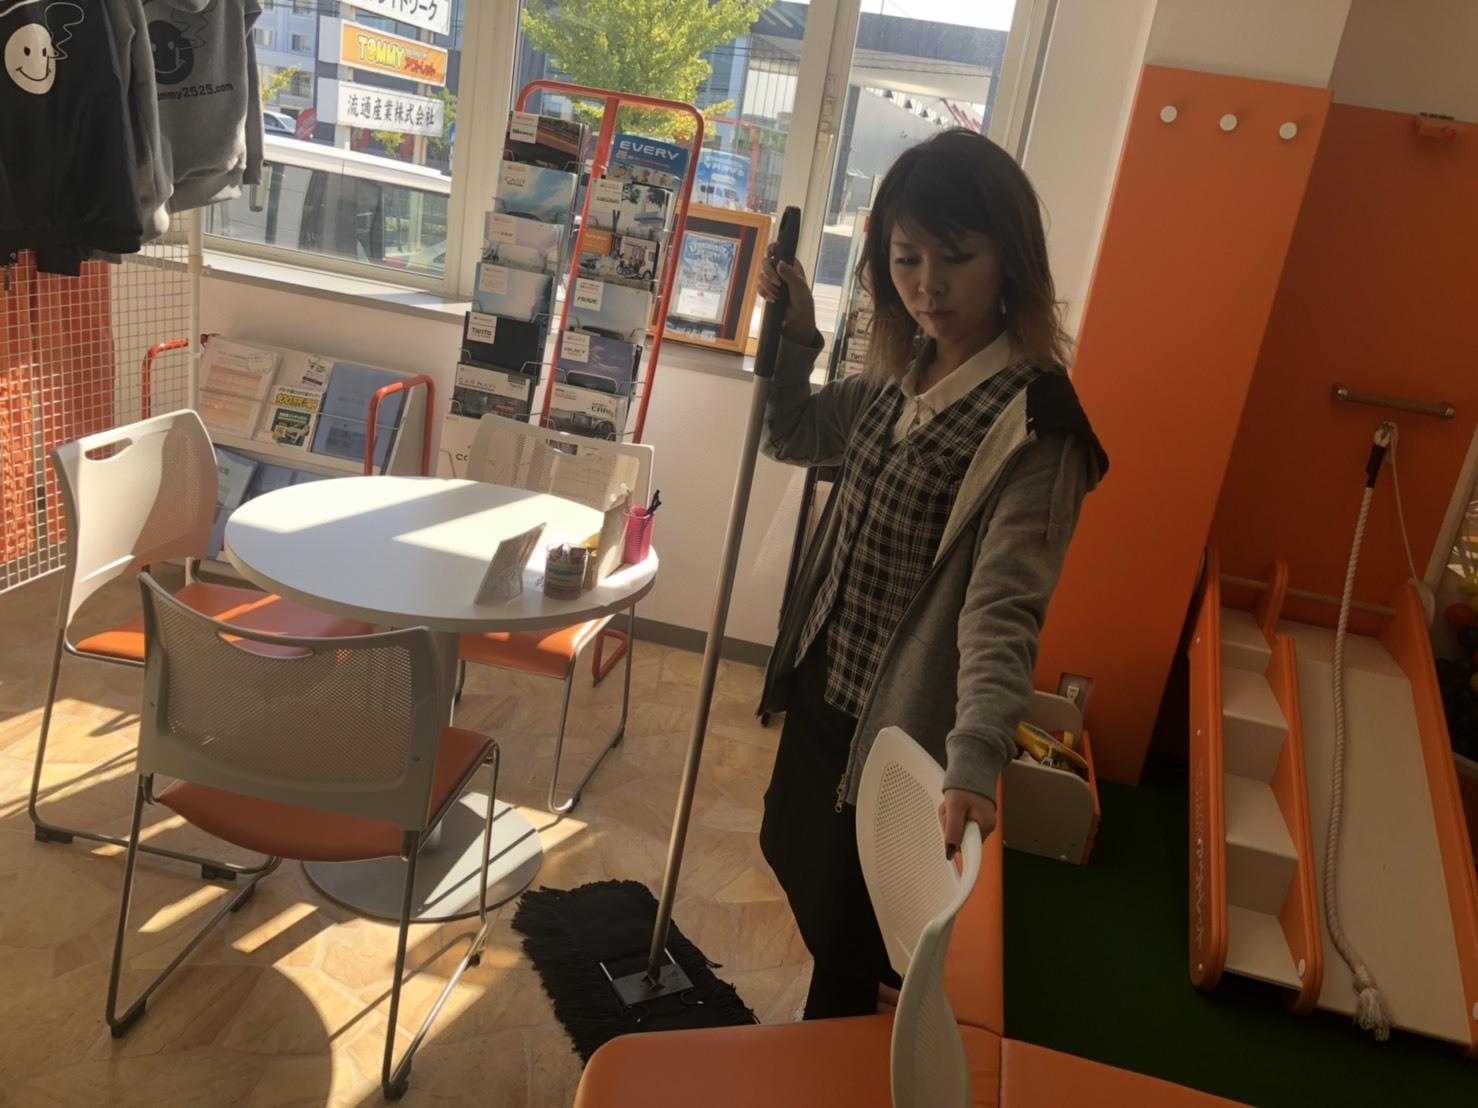 9月21日(土)☆TOMMYアウトレット☆あゆブログ(∩ˊ꒳ˋ∩)・*_b0127002_16273007.jpg